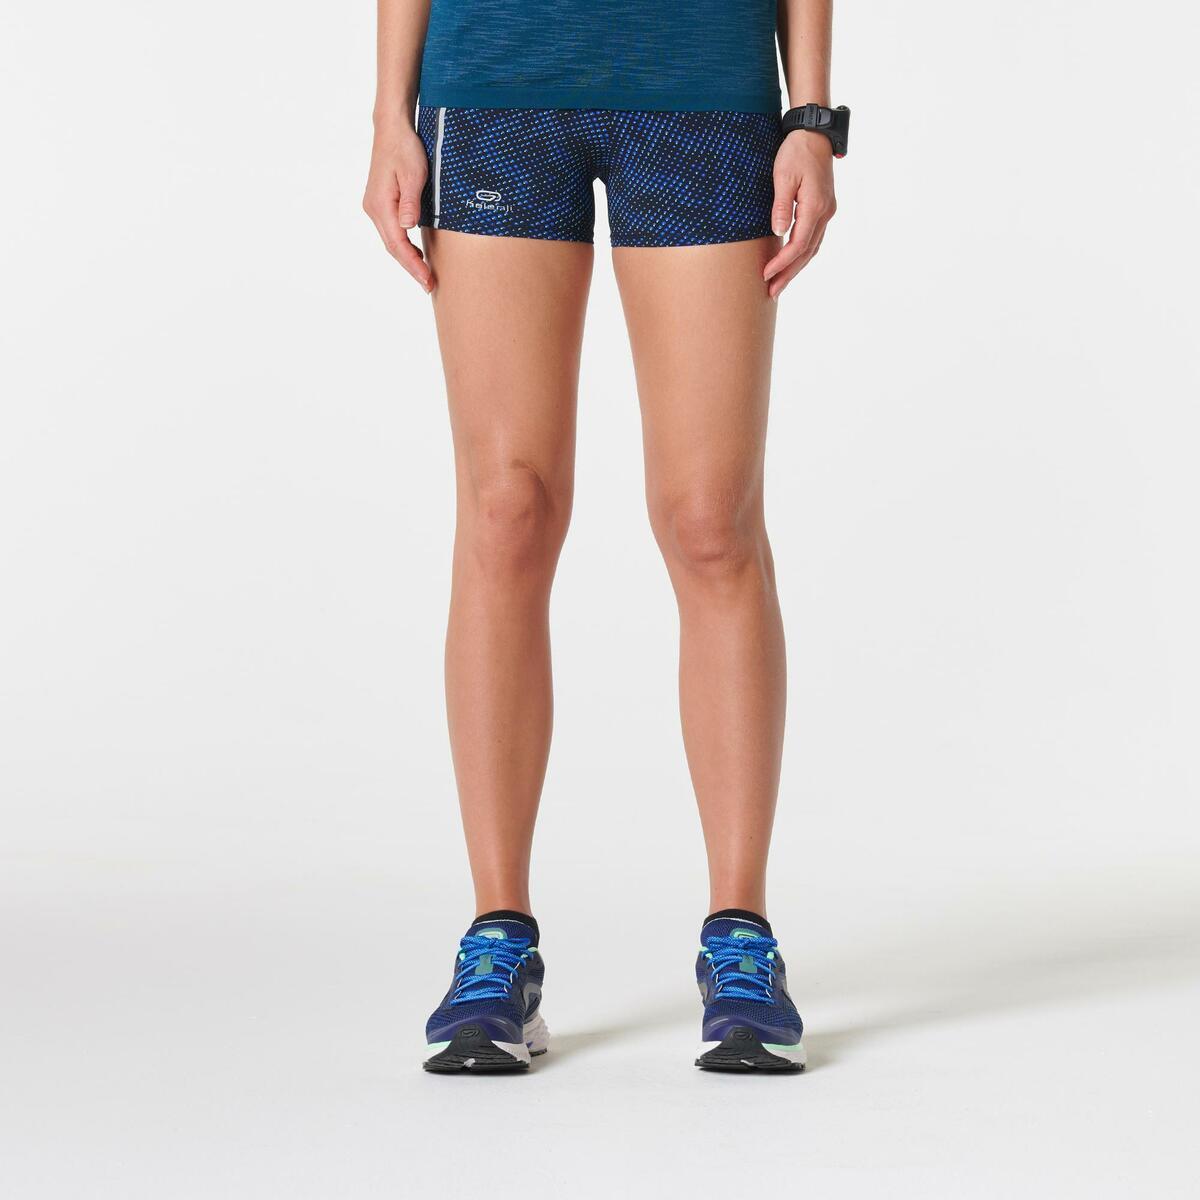 Bild 2 von Laufshorts Kiprun Damen Aufdruck/blau